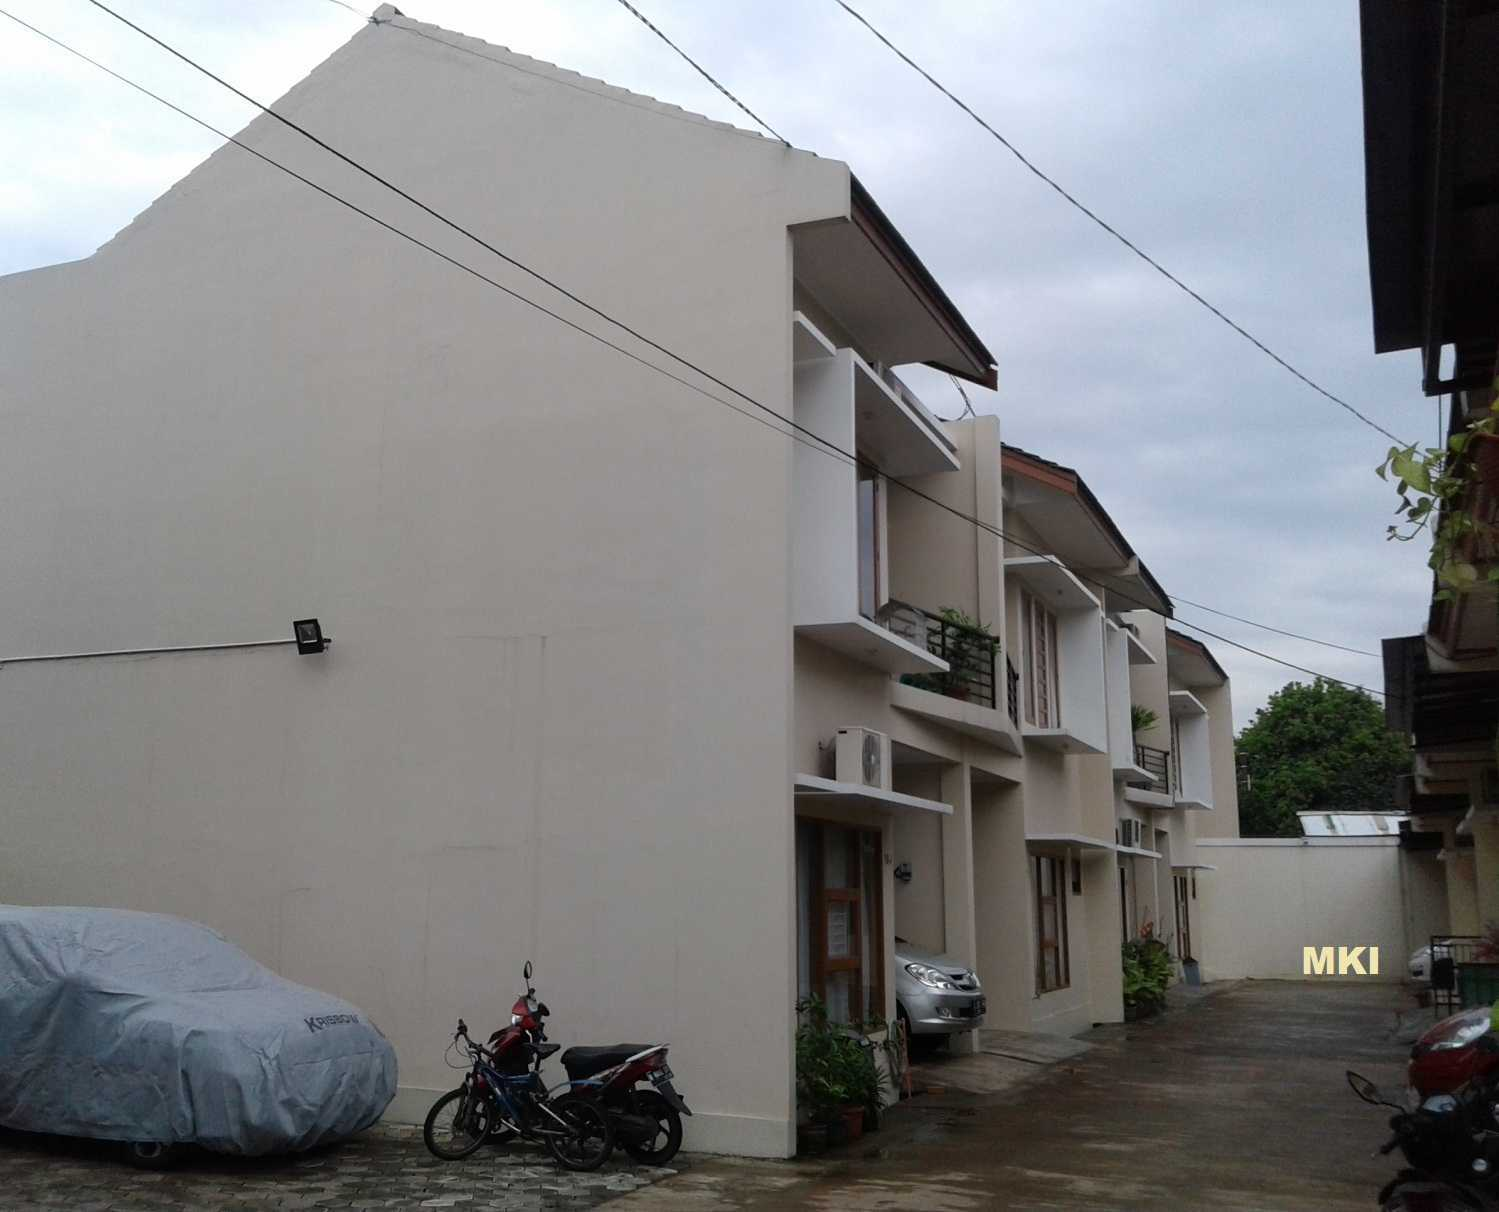 Mki Kj Residence  Jakarta, Indonesia Jakarta, Indonesia Facade 1 Modern 17735